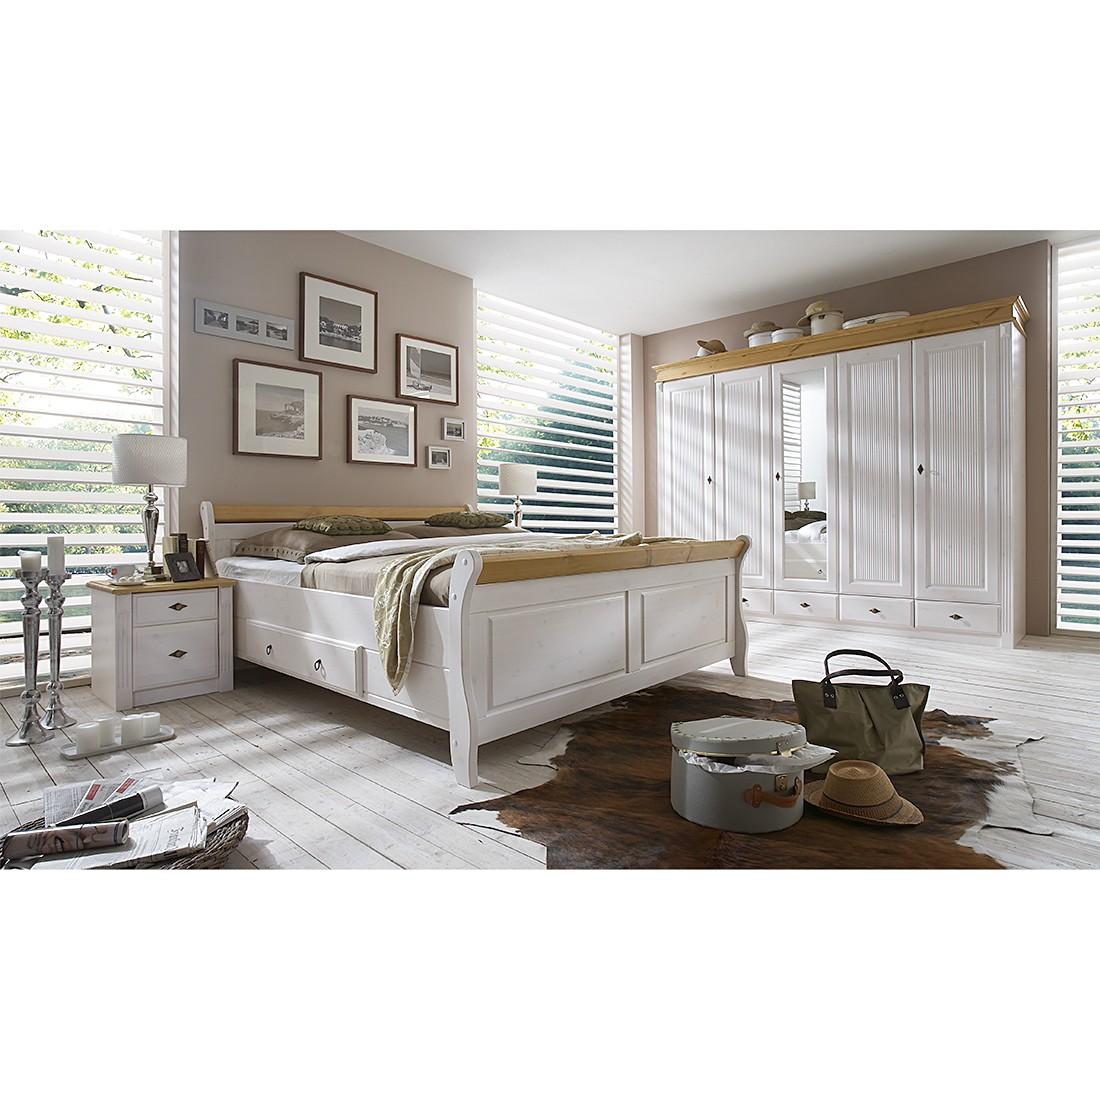 Schlafzimmer-Set Cenan I (4-teilig) - Kiefer massiv - Weiß gebeizt ...